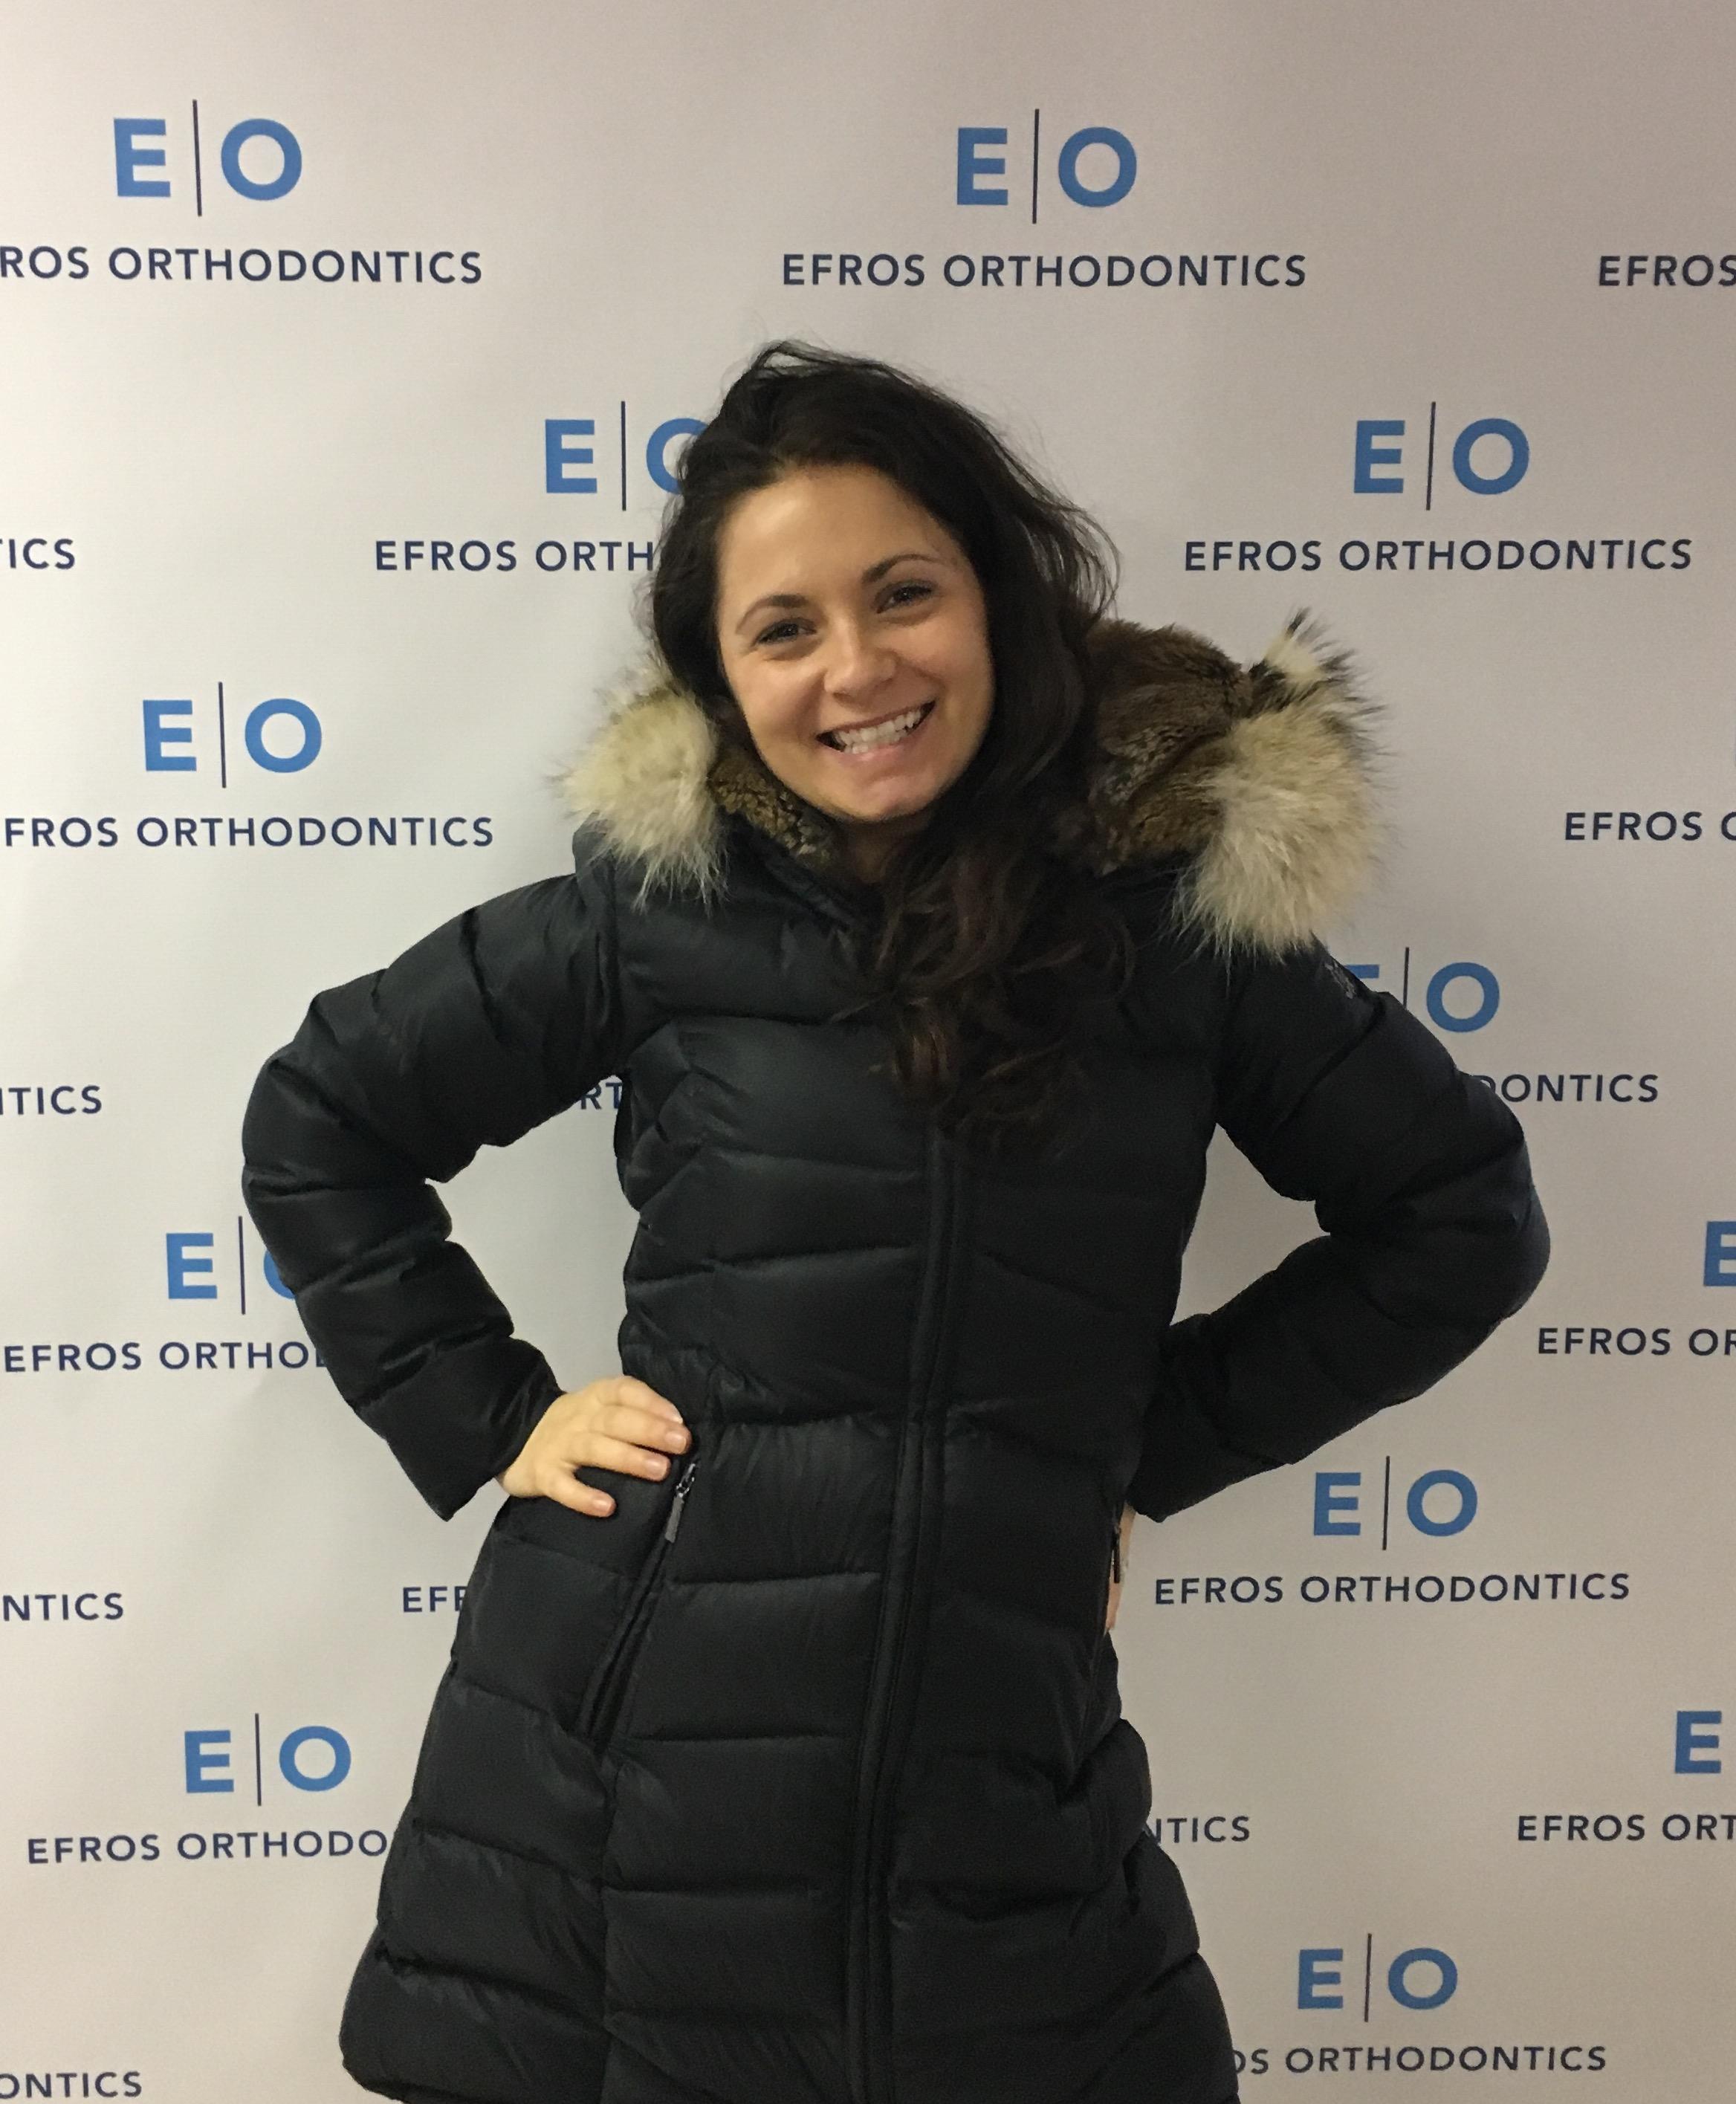 Efros Orthodontics image 3